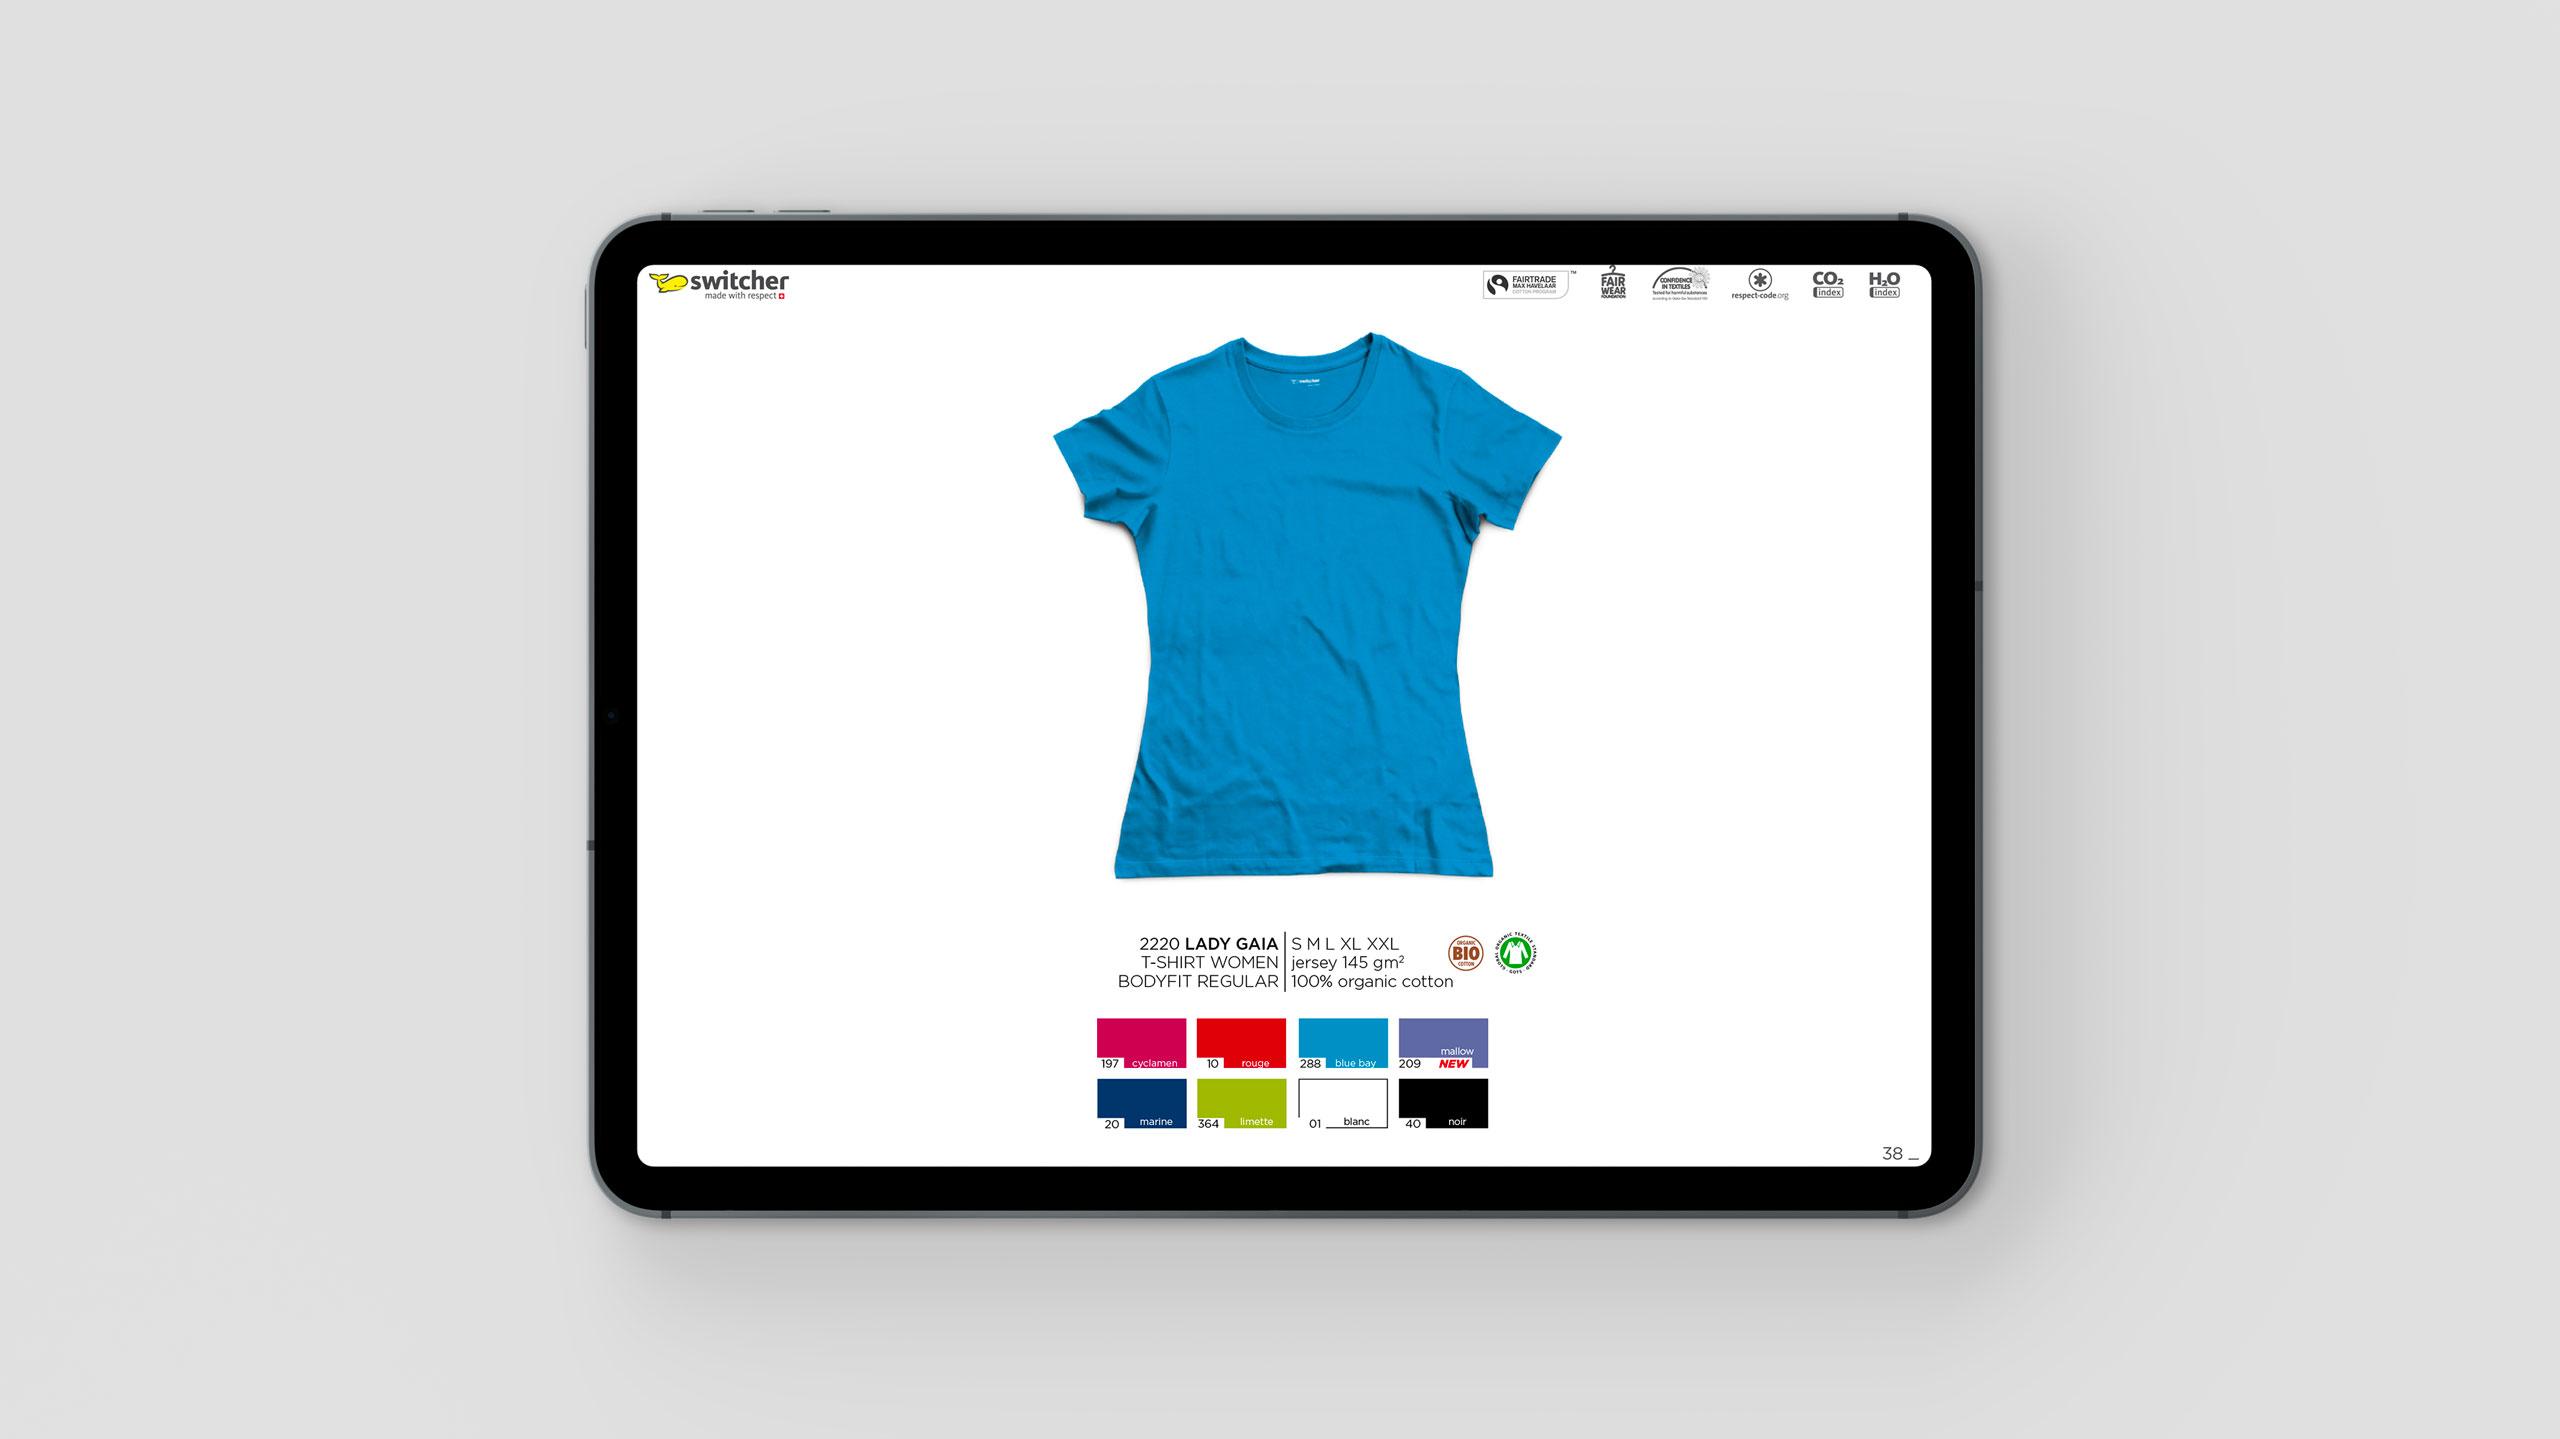 switcher_iPadCat_2560px_08